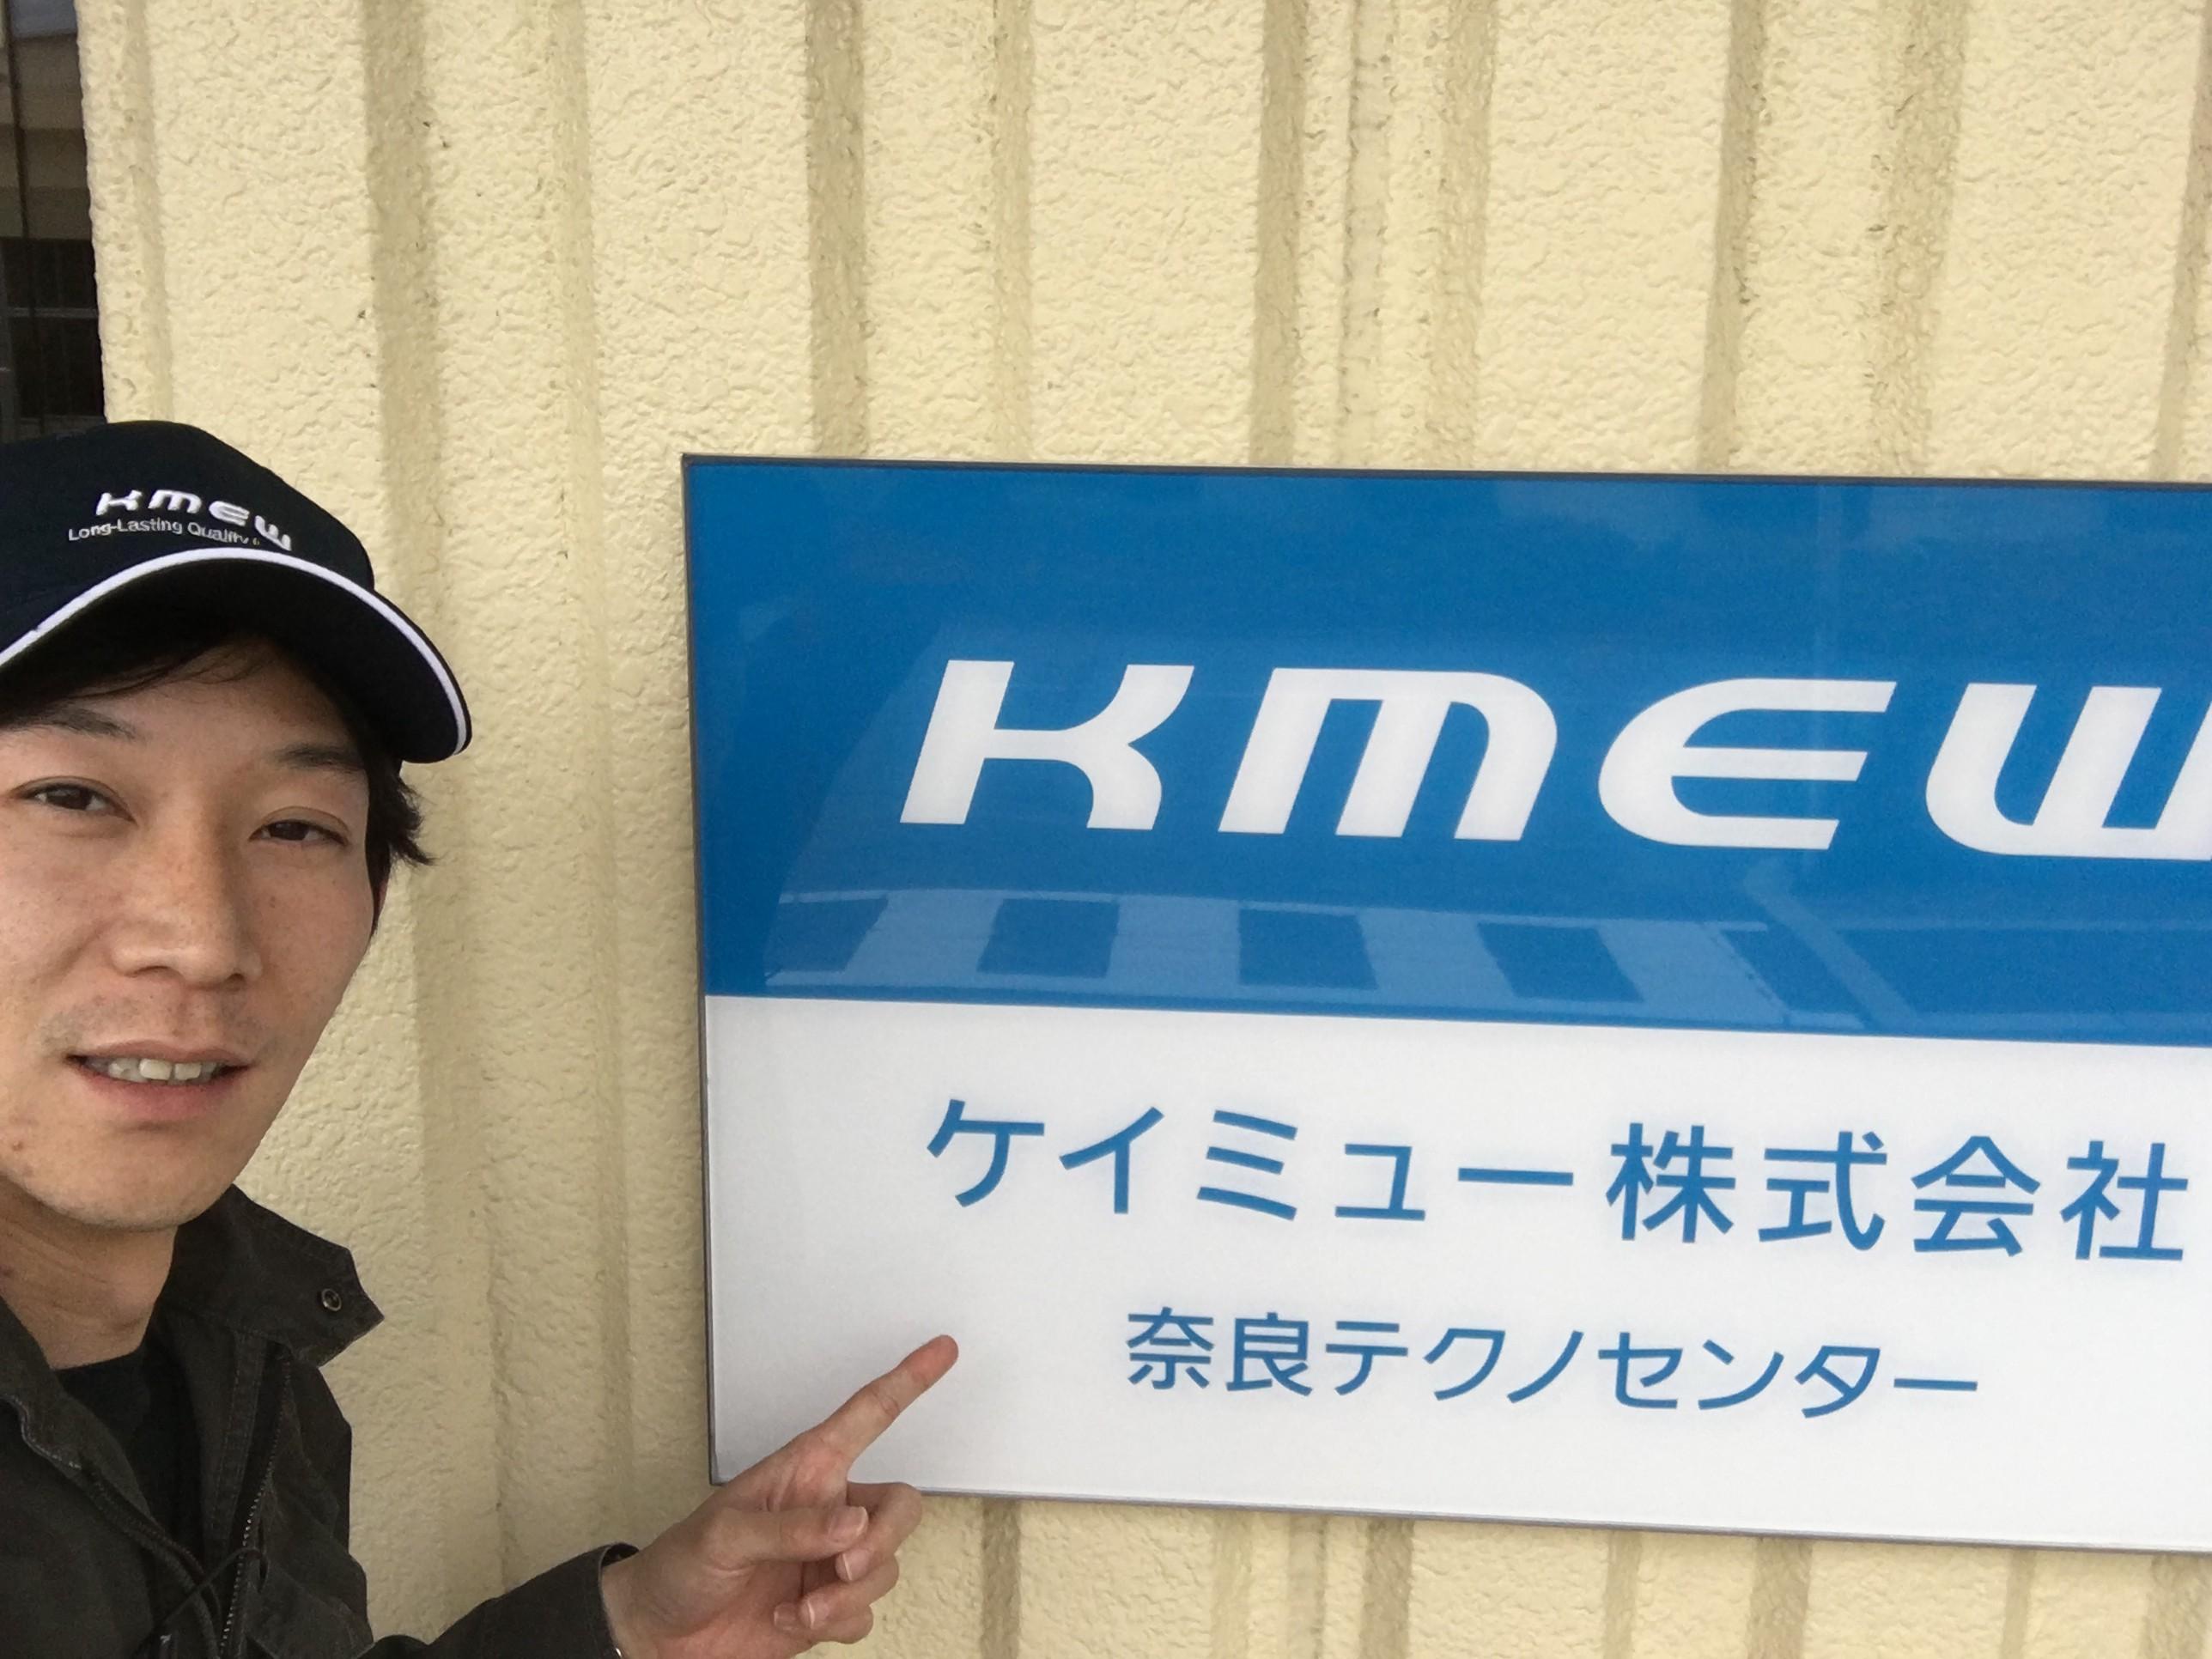 ケイミューさんの奈良テクノセンターはこんなとこだった(汗)